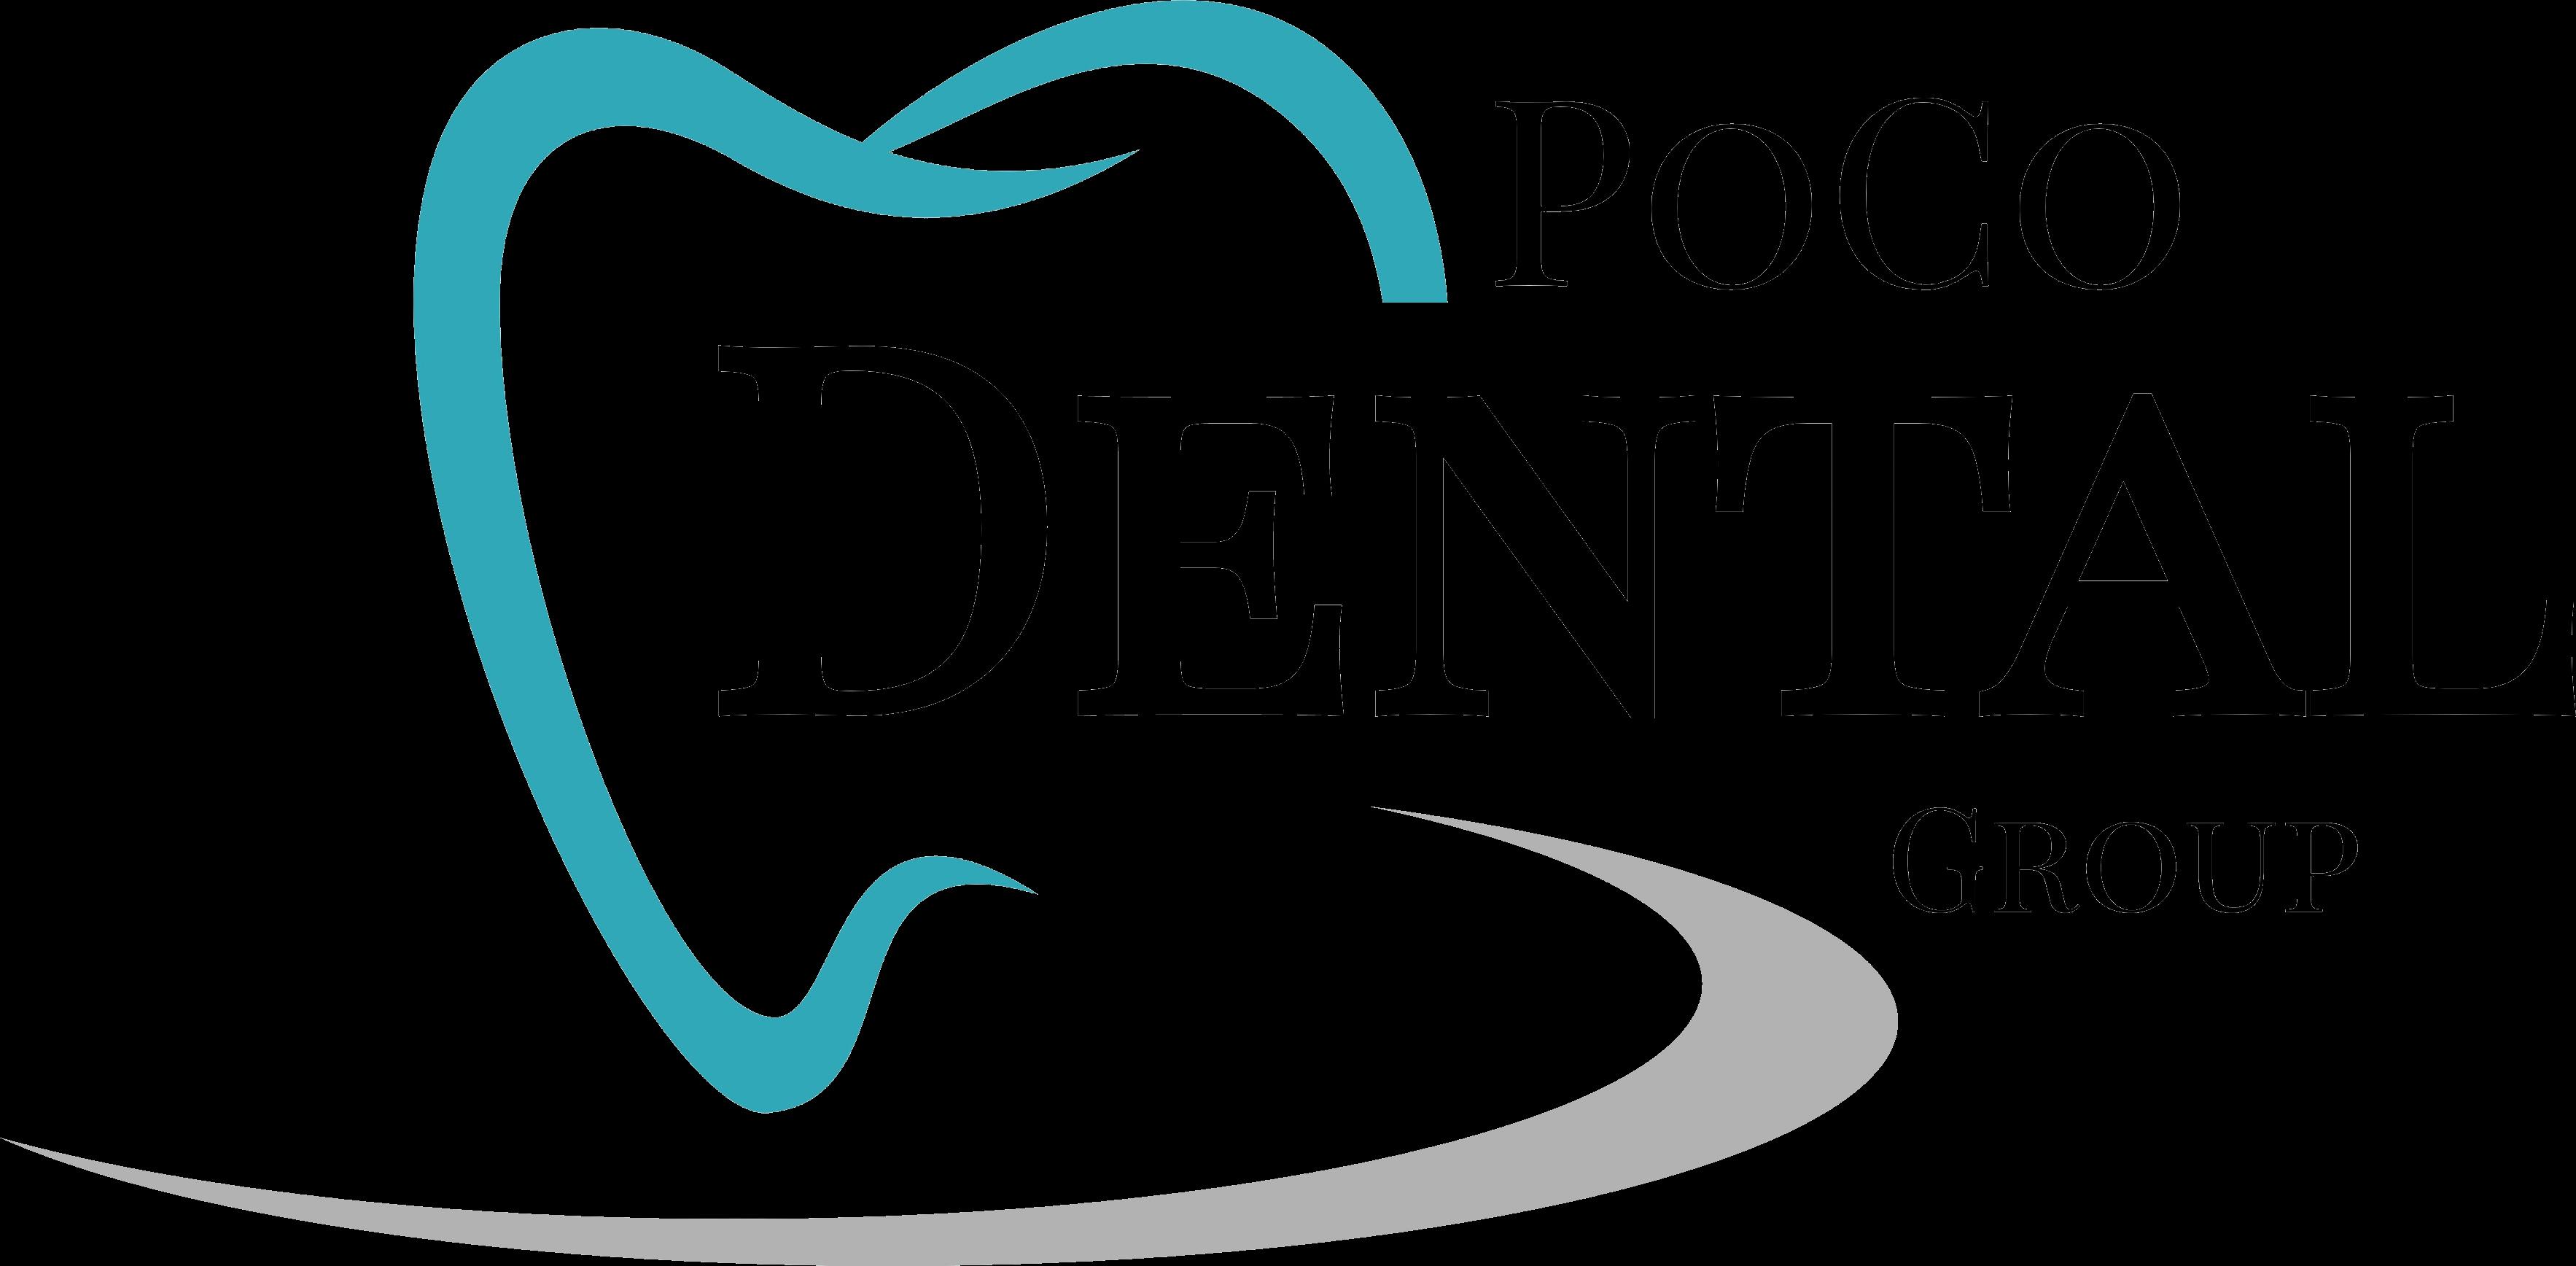 pocodental-logo